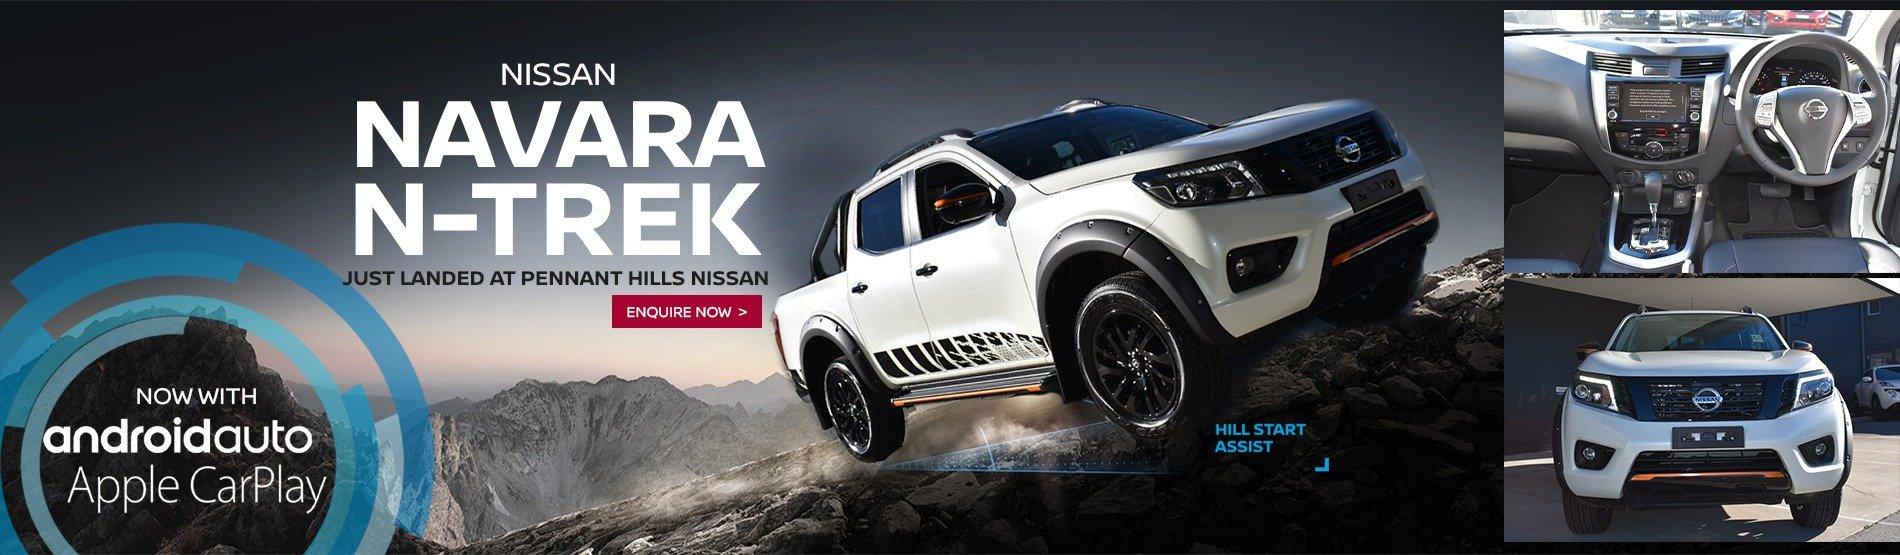 Pennant Hills Nissan | N-Trek